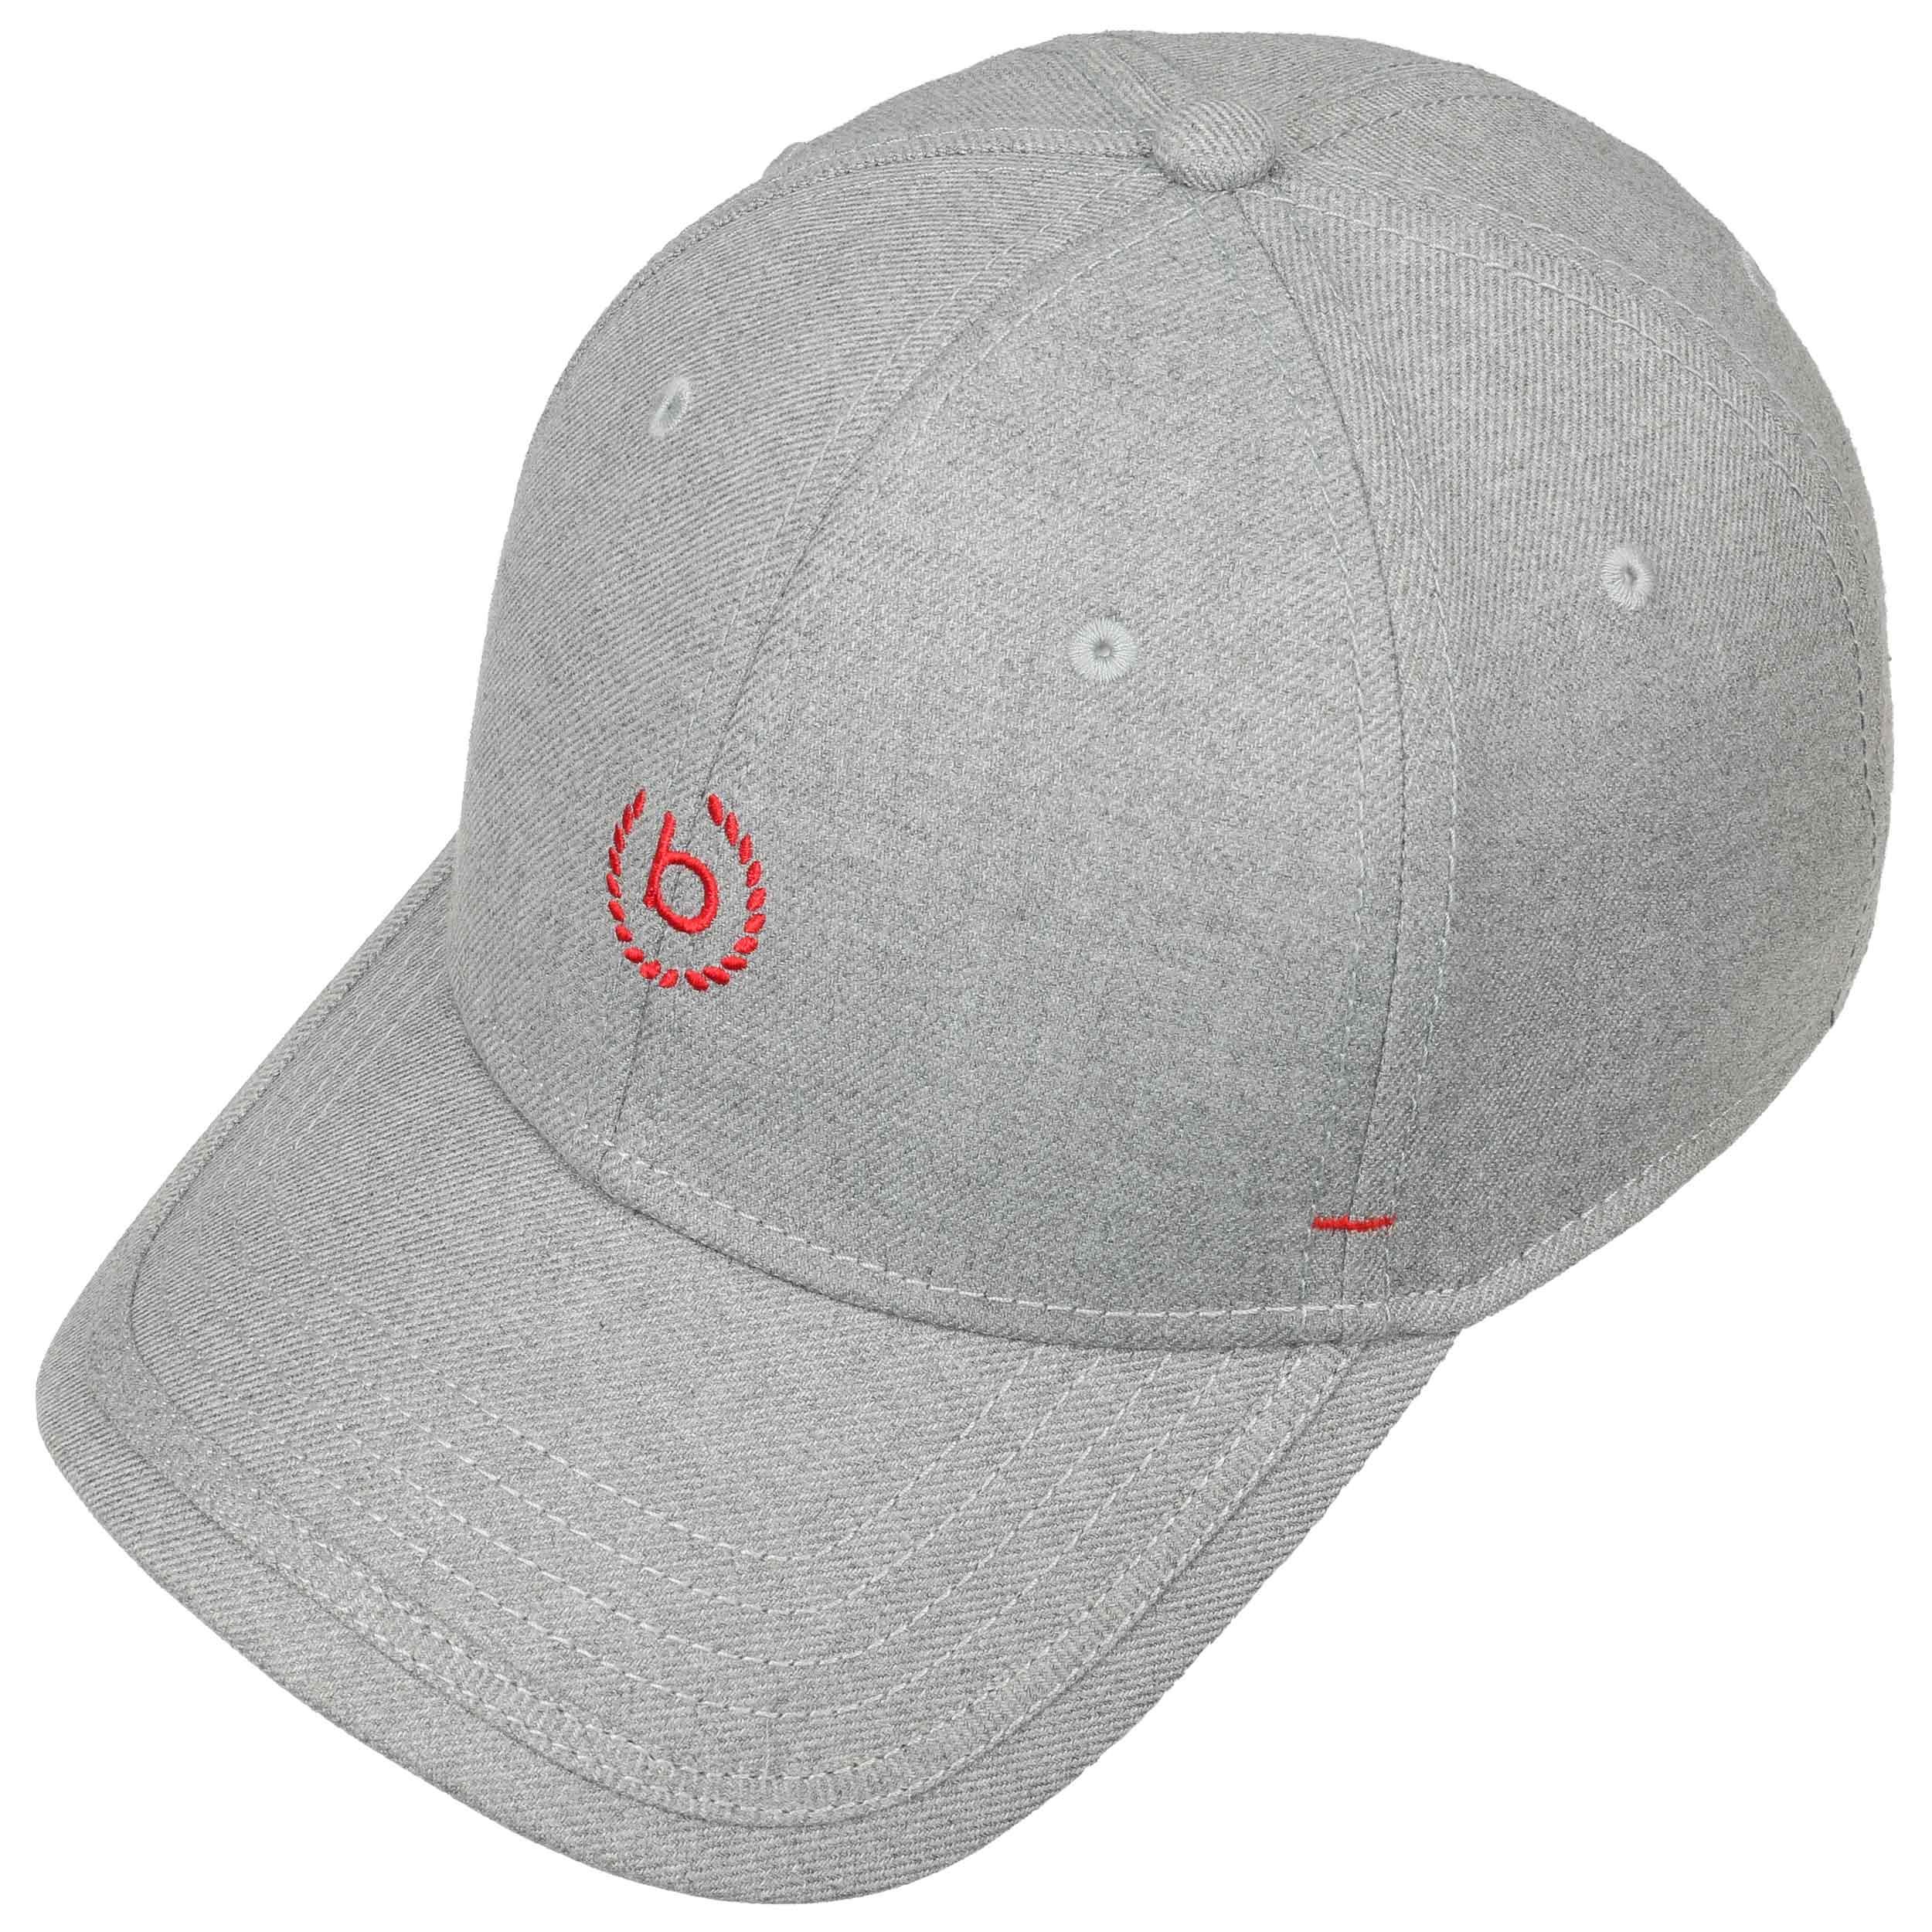 5e7c197951e28 Gorra de Béisbol Logo Flexcity by bugatti - Gorras - sombreroshop.es